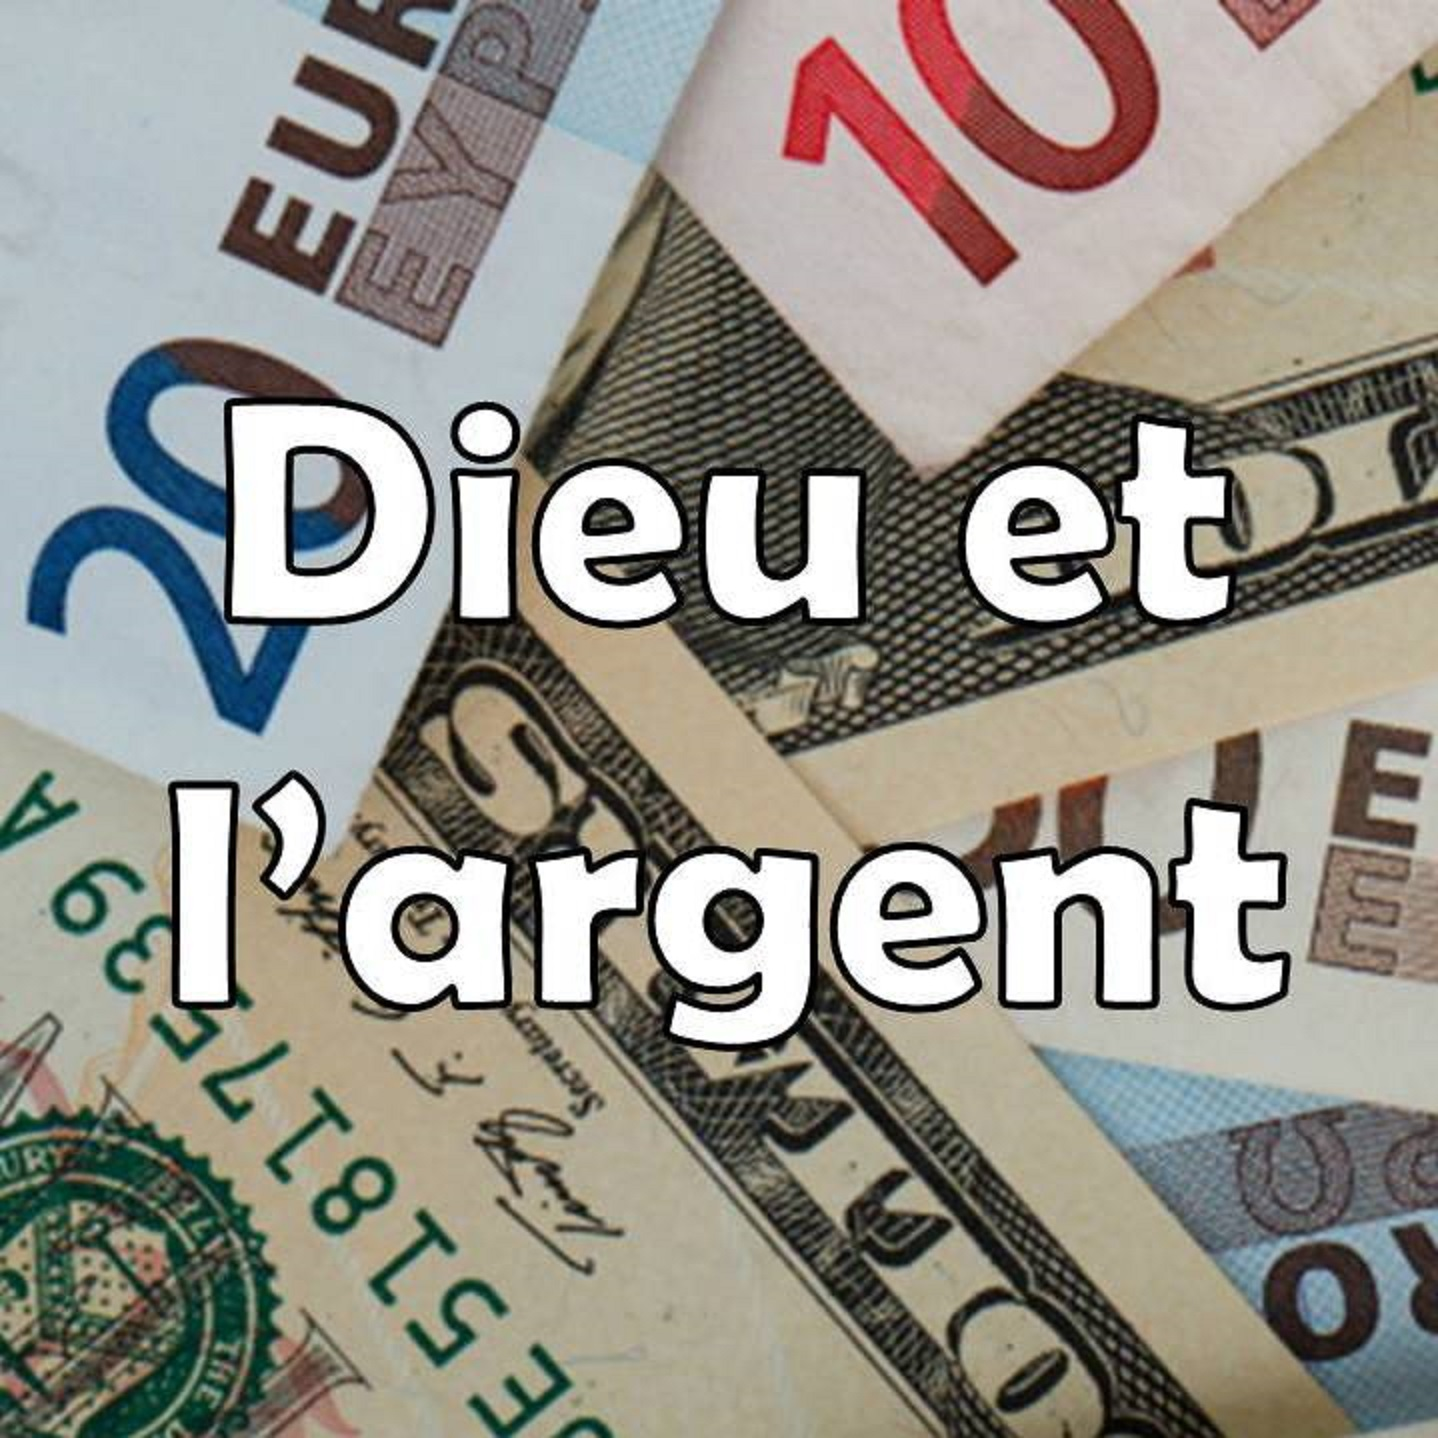 Dieu et l'argent 18.jpg